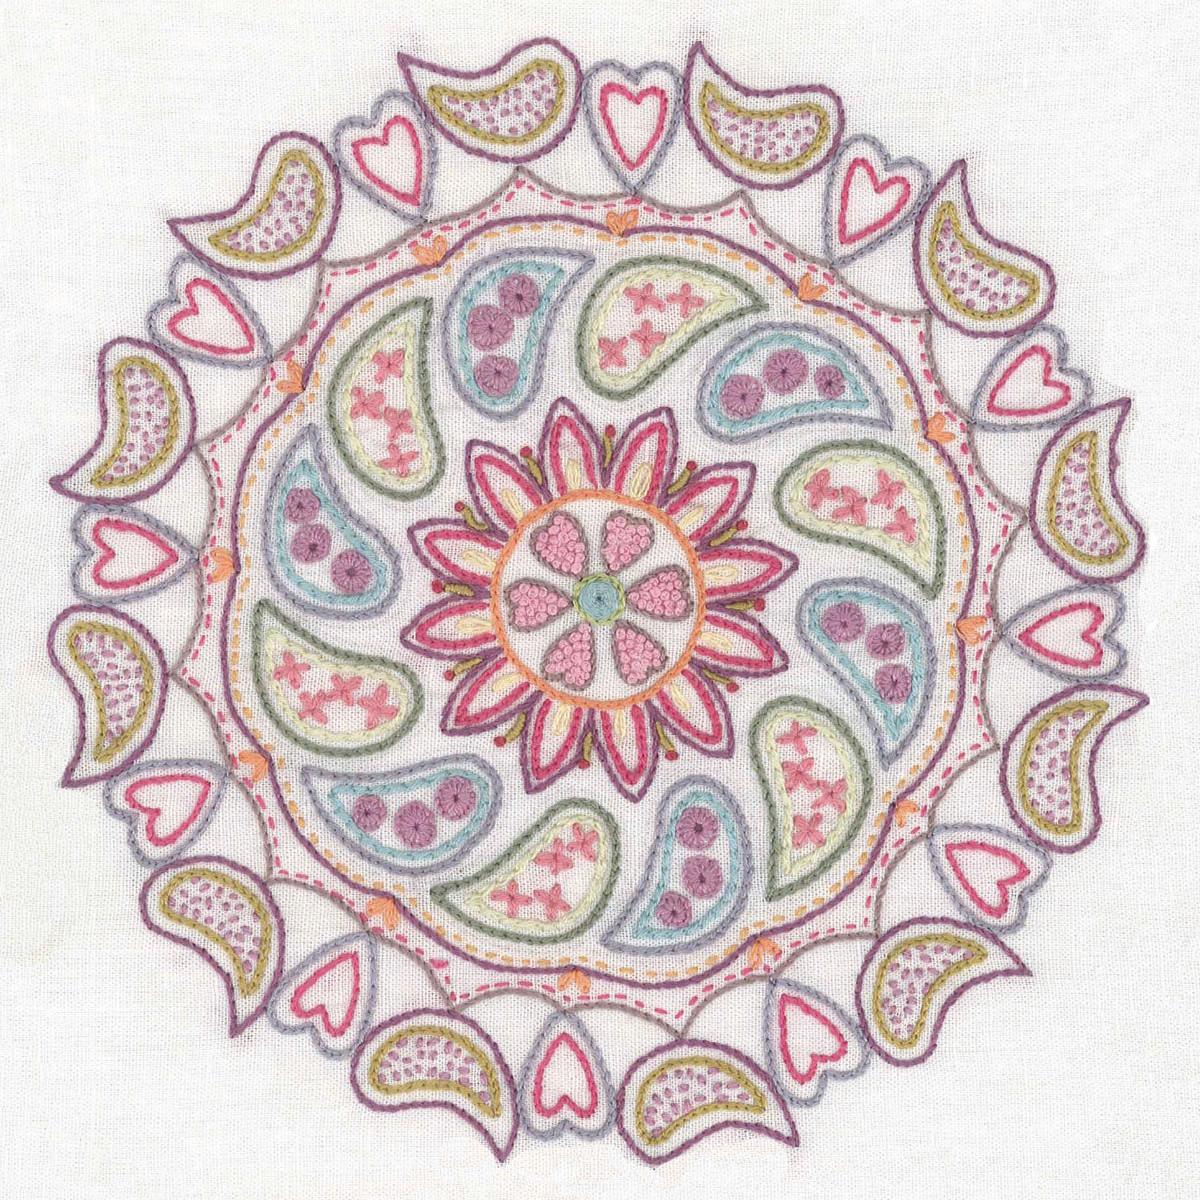 Buntes Mandala sticken: Mit Vögeln, Herzen und Blumen